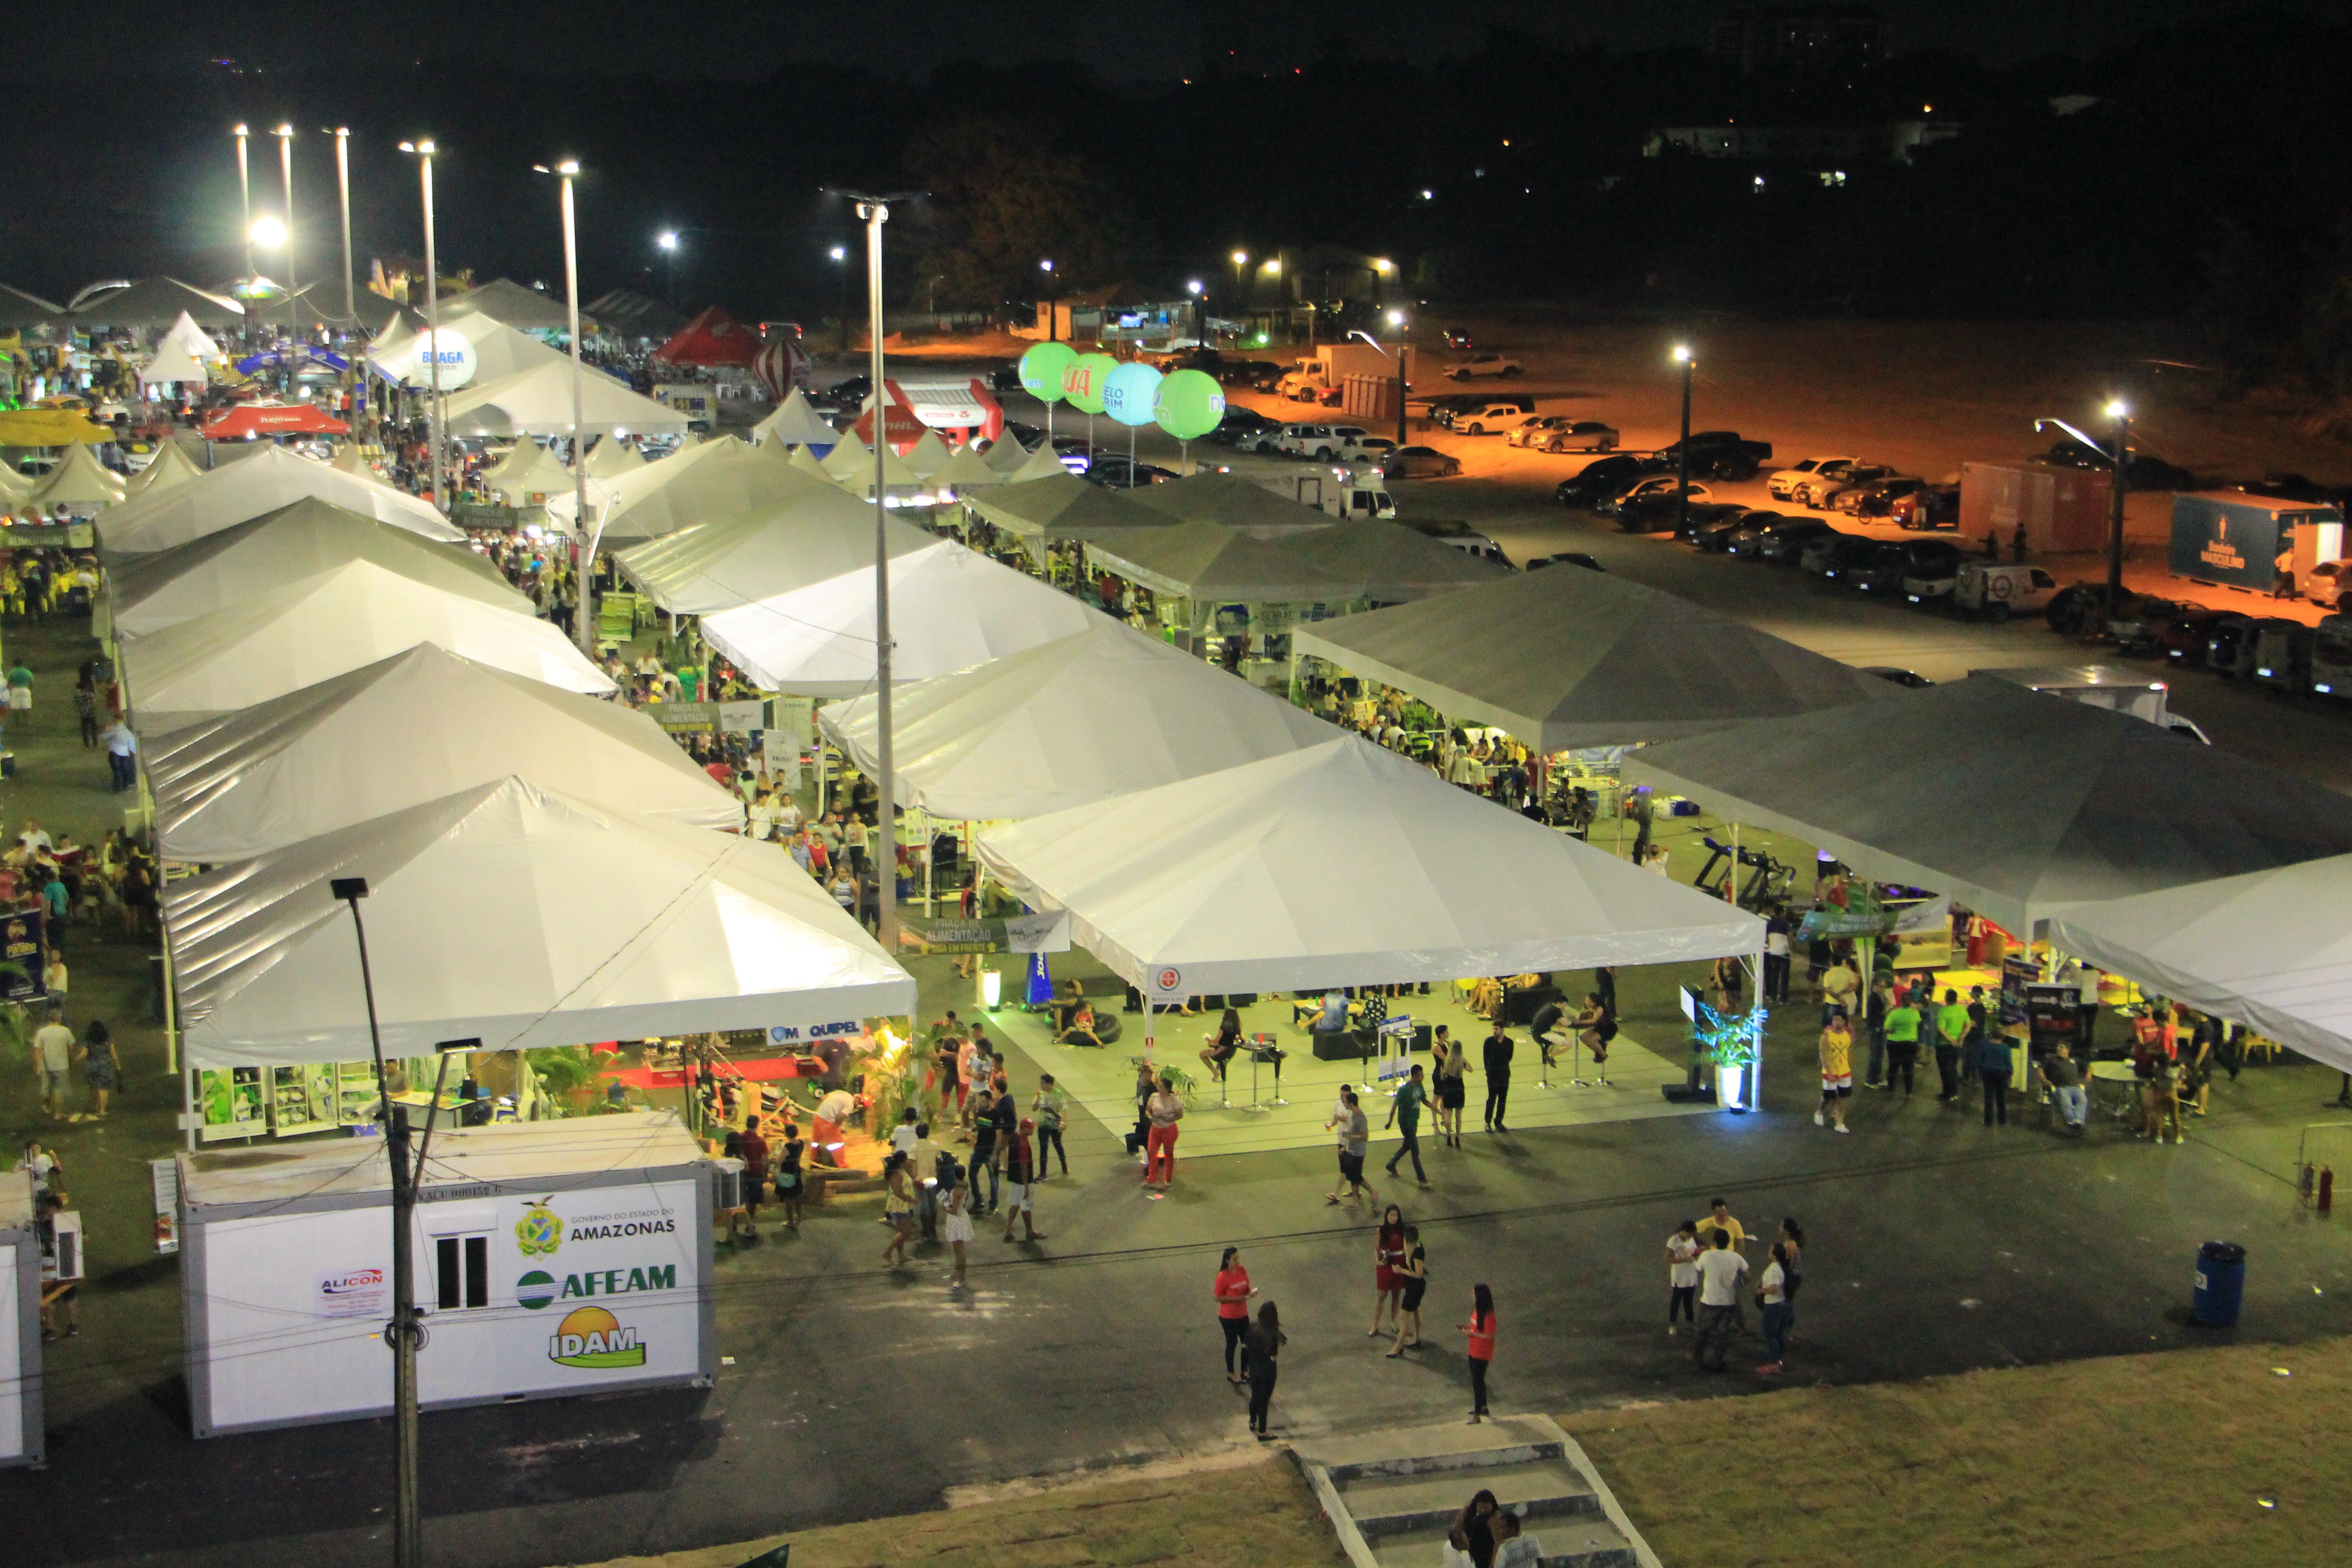 Segunda edição da Feira de Agronegócios promete agitar o final de semana